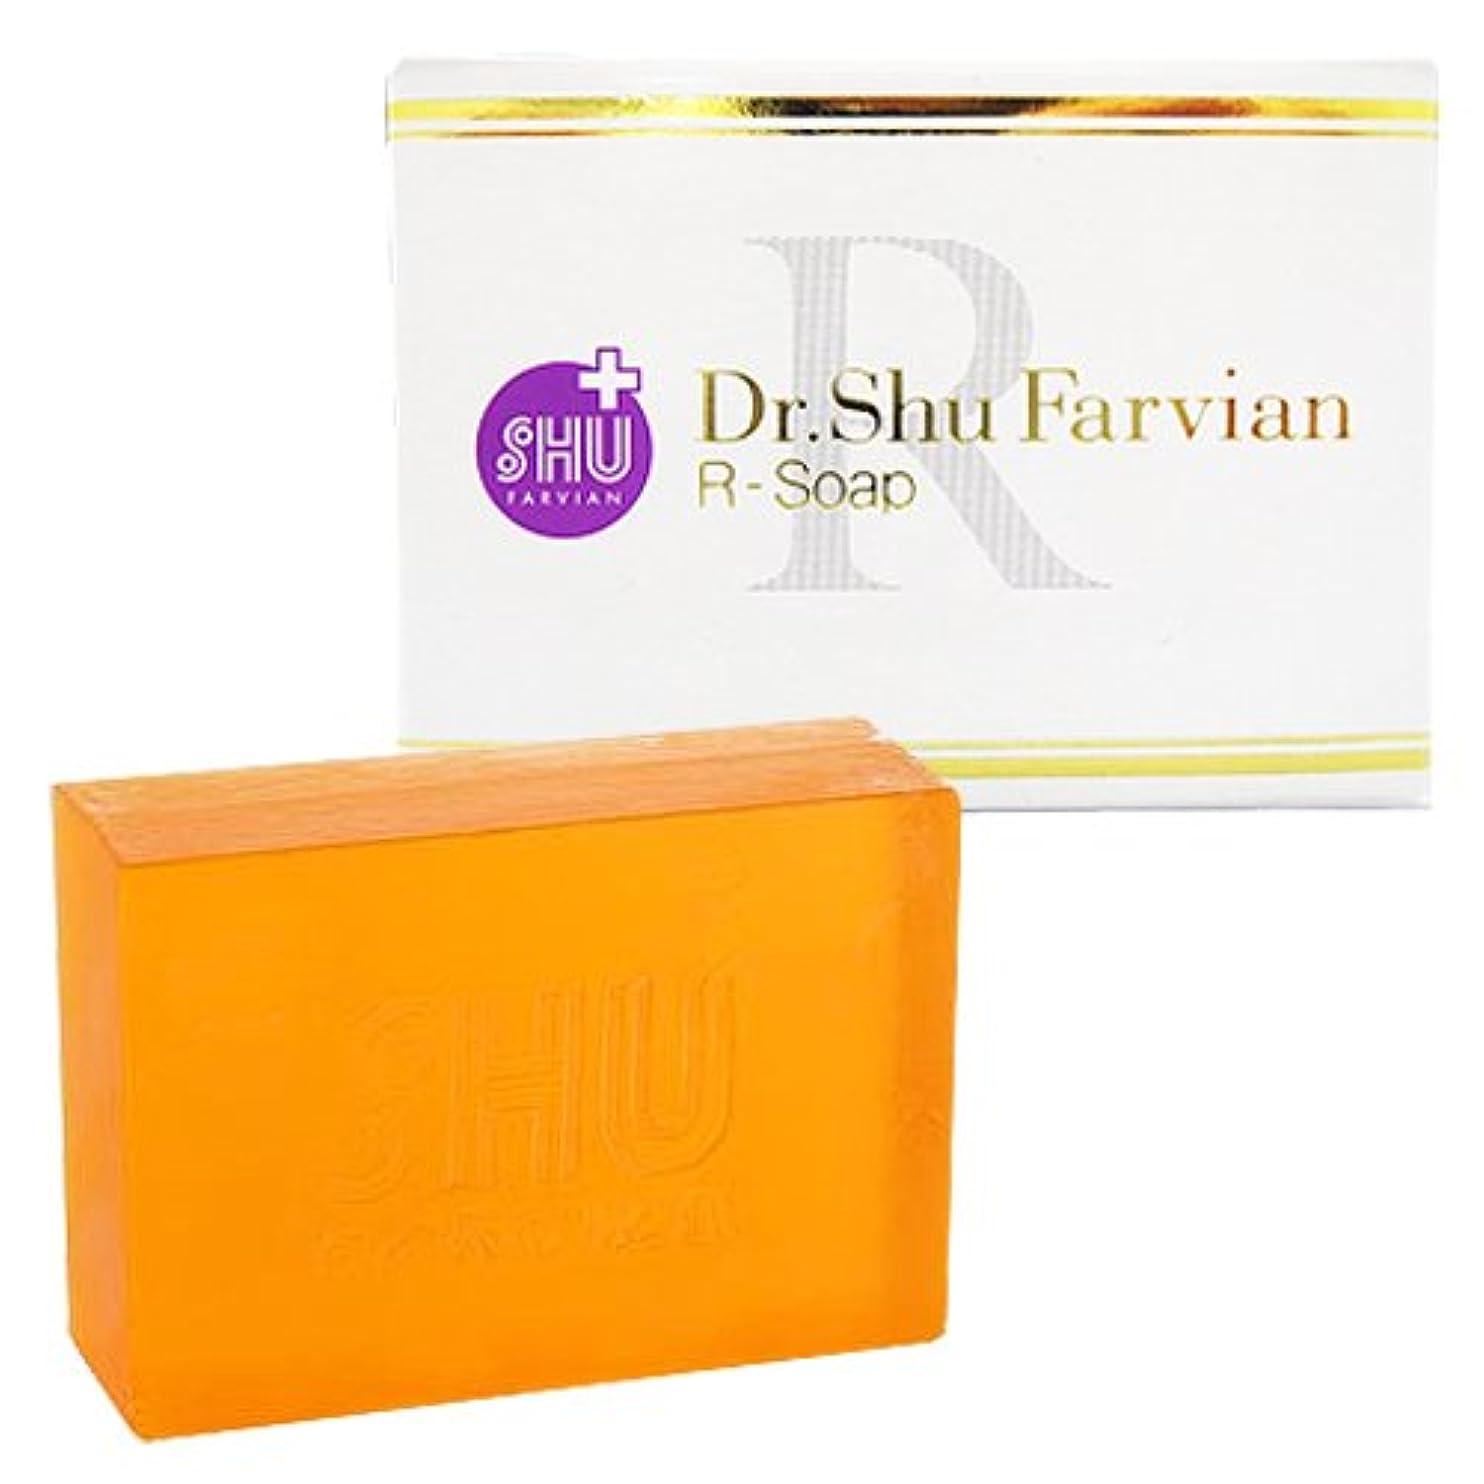 古いトリッキー職業ドクターシュウファビアン(Dr.Shu Farvian) 【シュウファビアン】Rソープ 100g